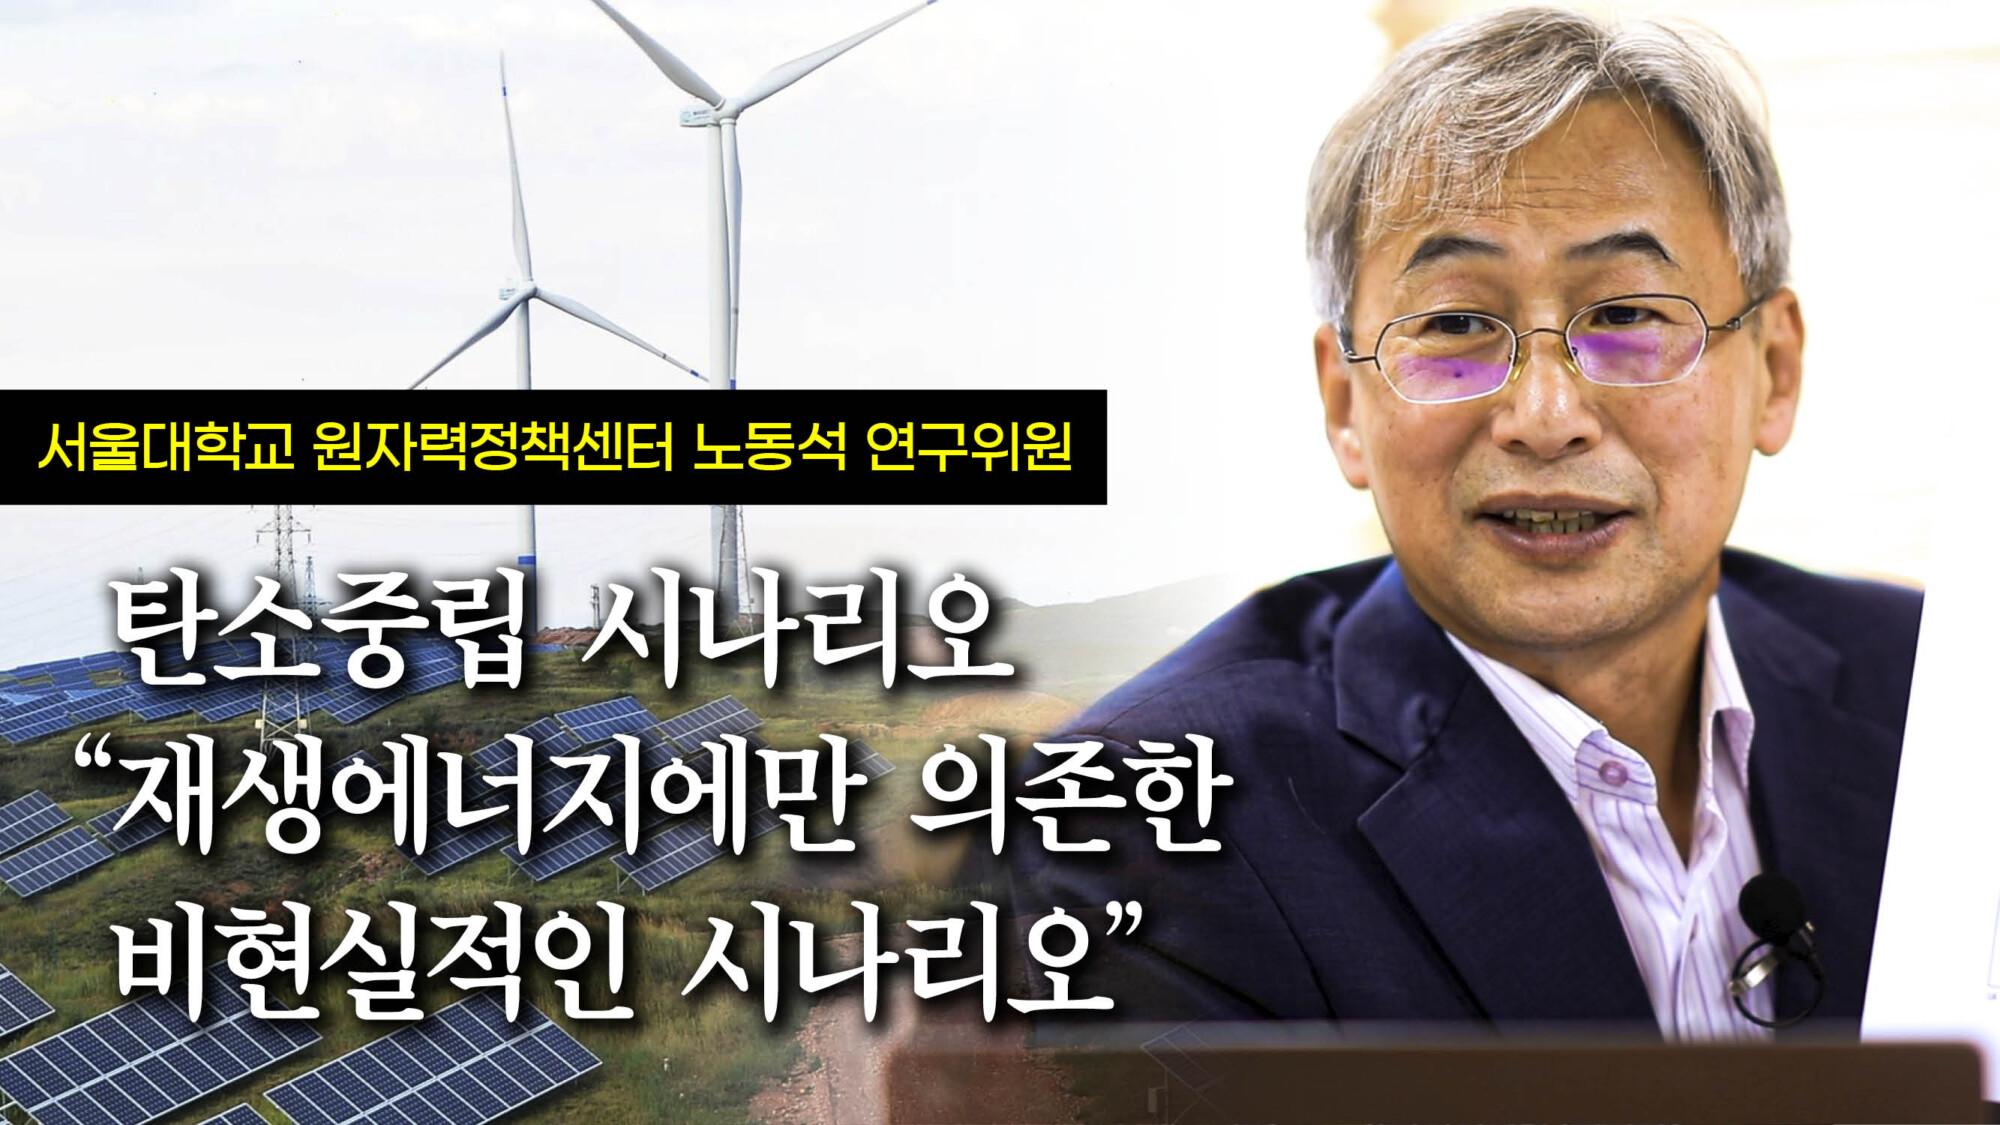 """노동석 박사, 탄소중립 """"재생에너지에만 의존한 비현실적인 시나리오"""""""